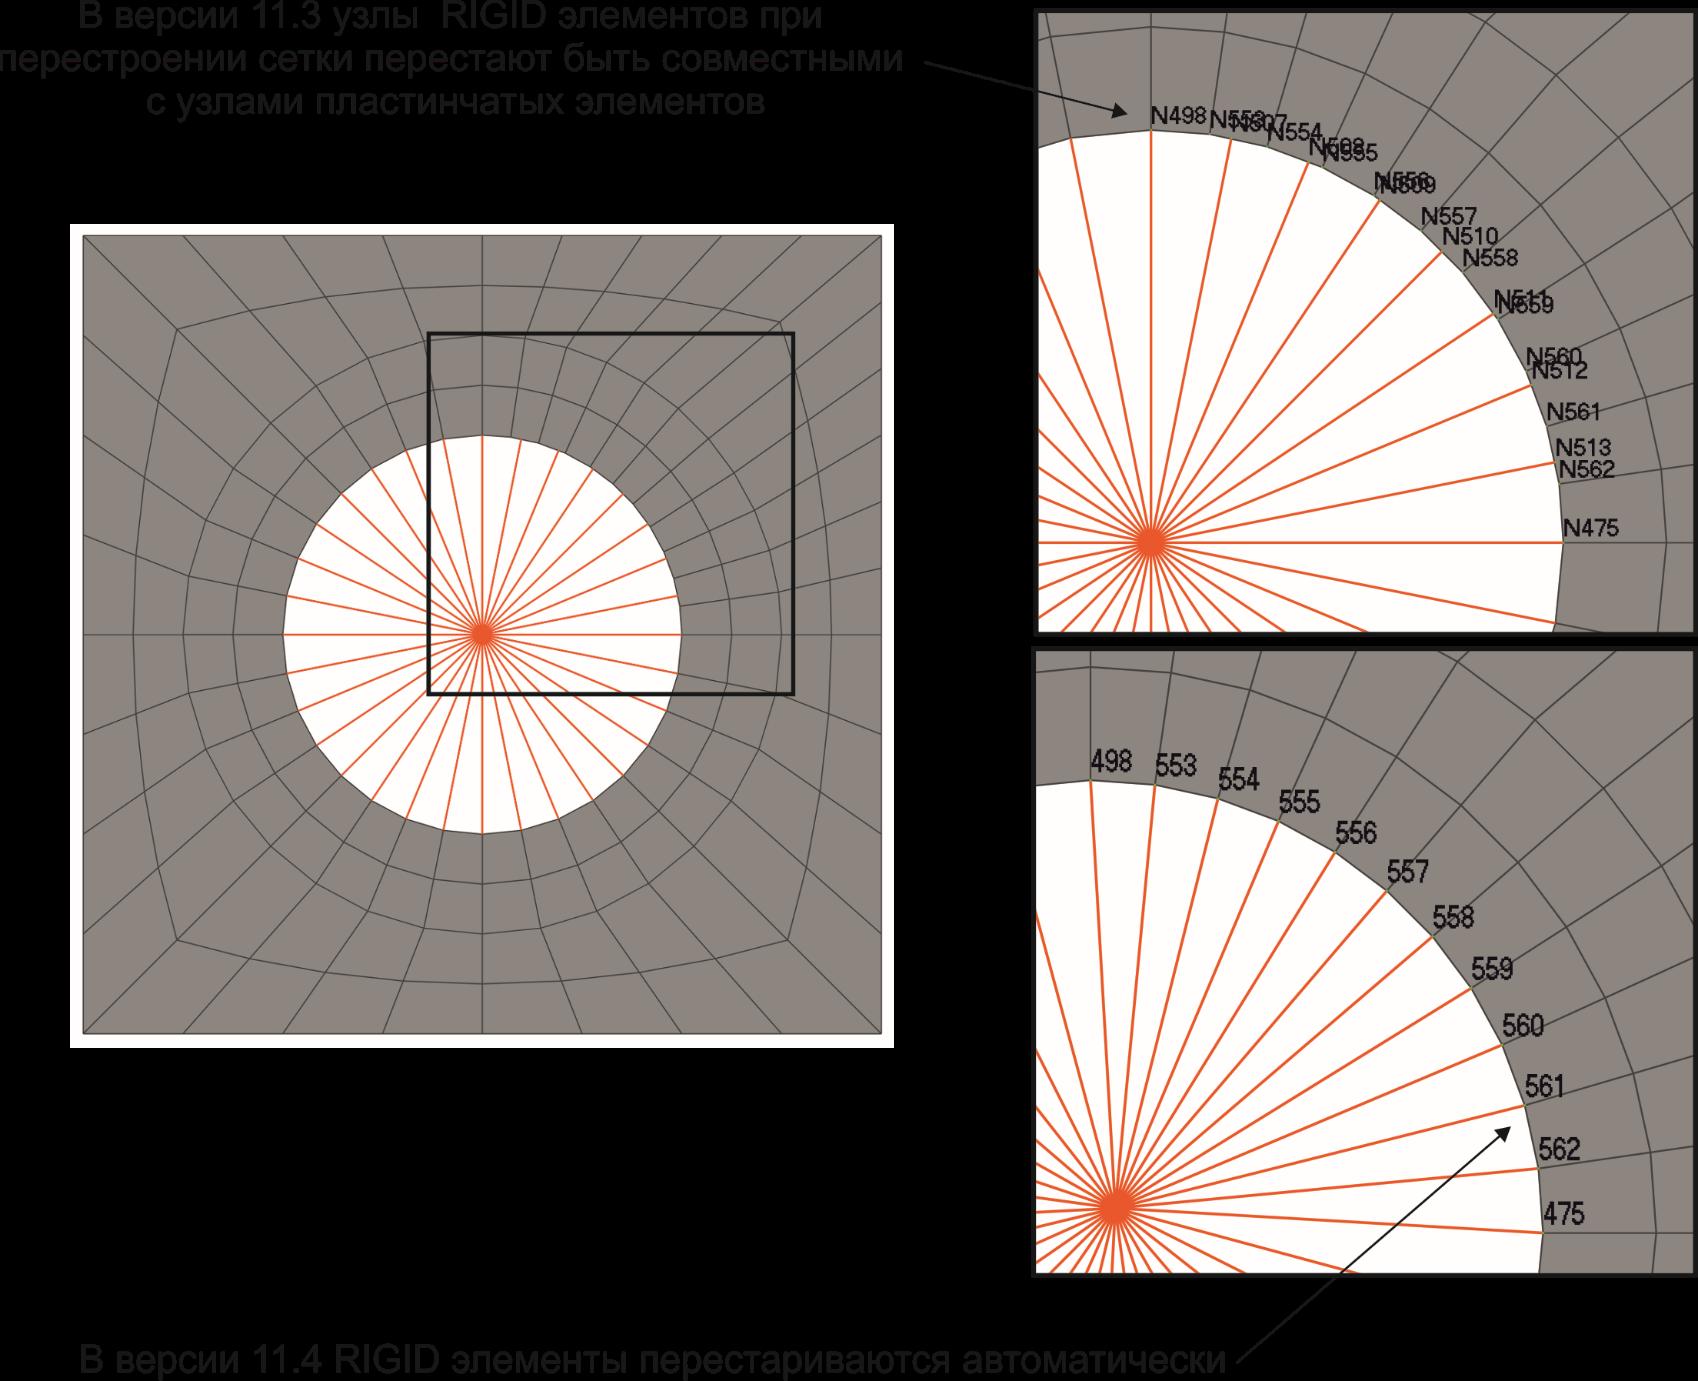 Автоматическое обновление RIGID элементовв Siemens Femap 11.4, rbe, rbe2, rbe3, nastran, r-elements